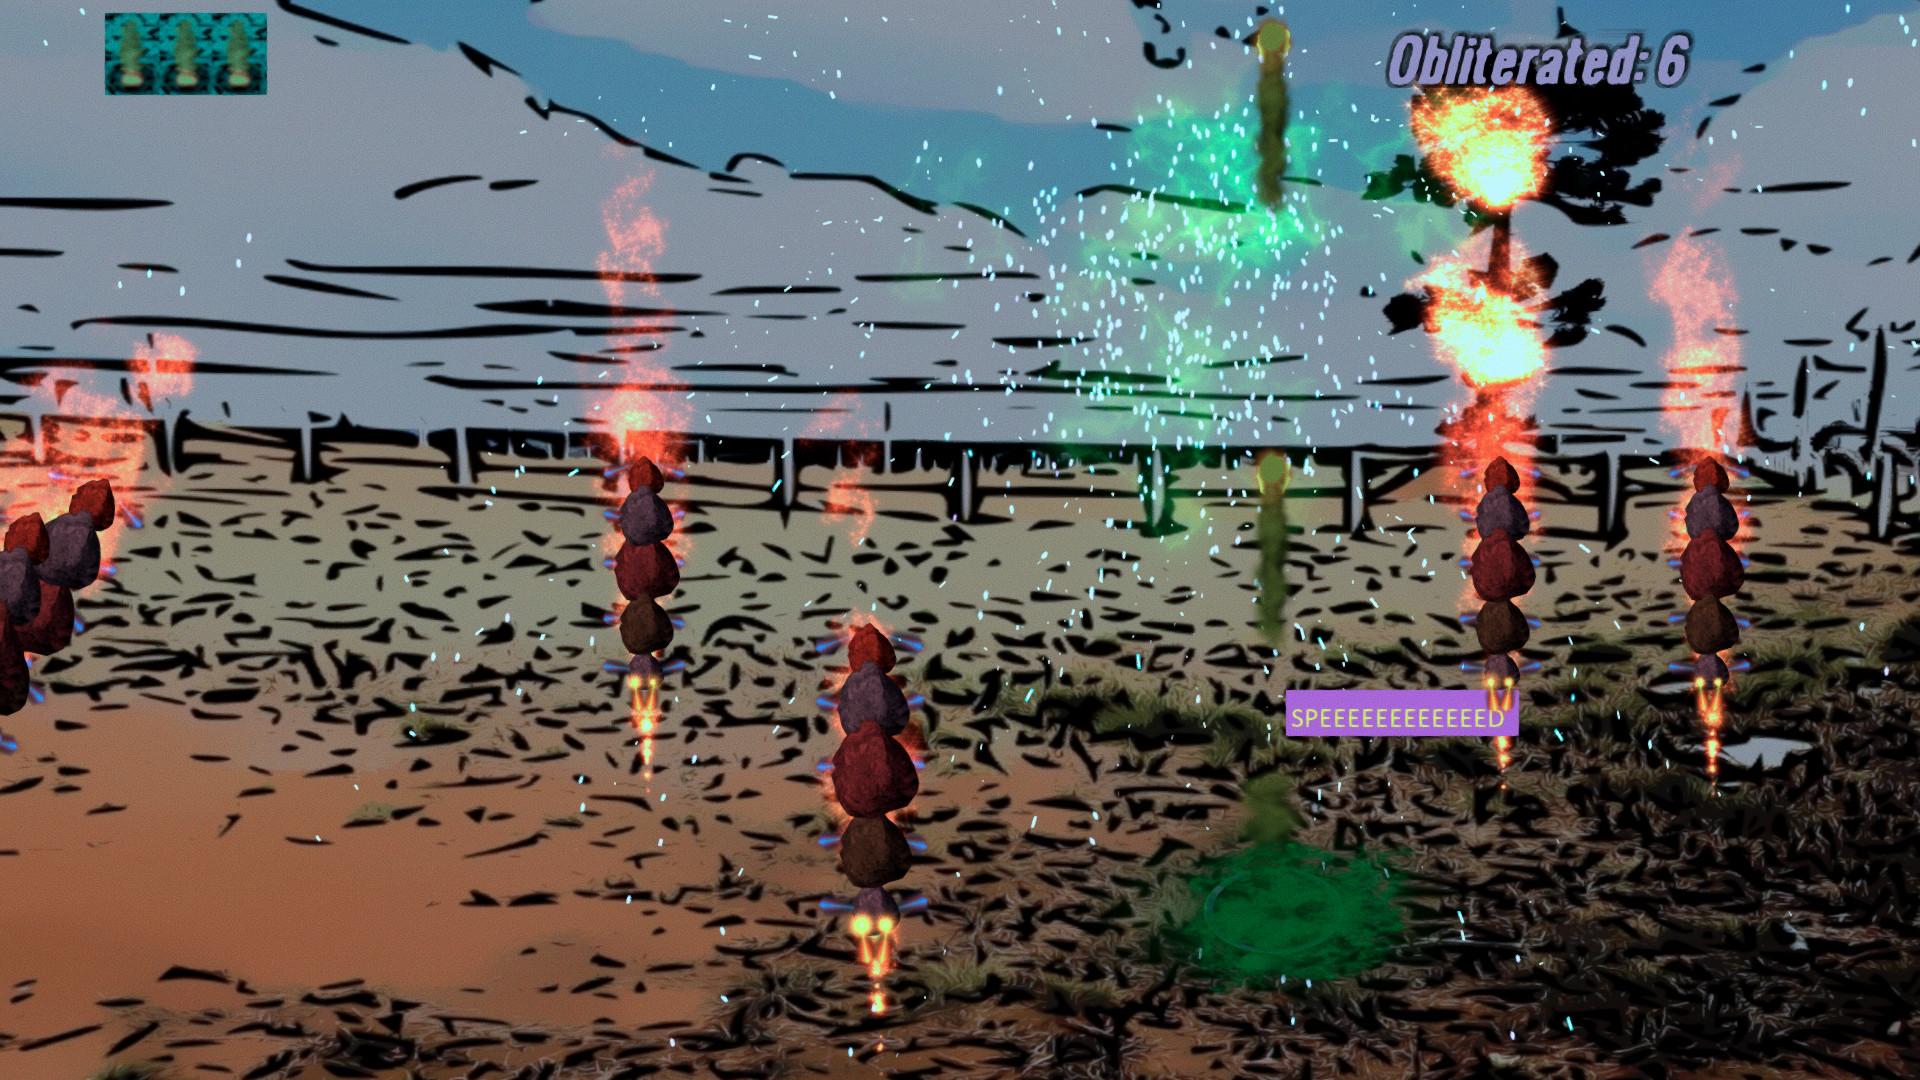 com.steam.967960-screenshot